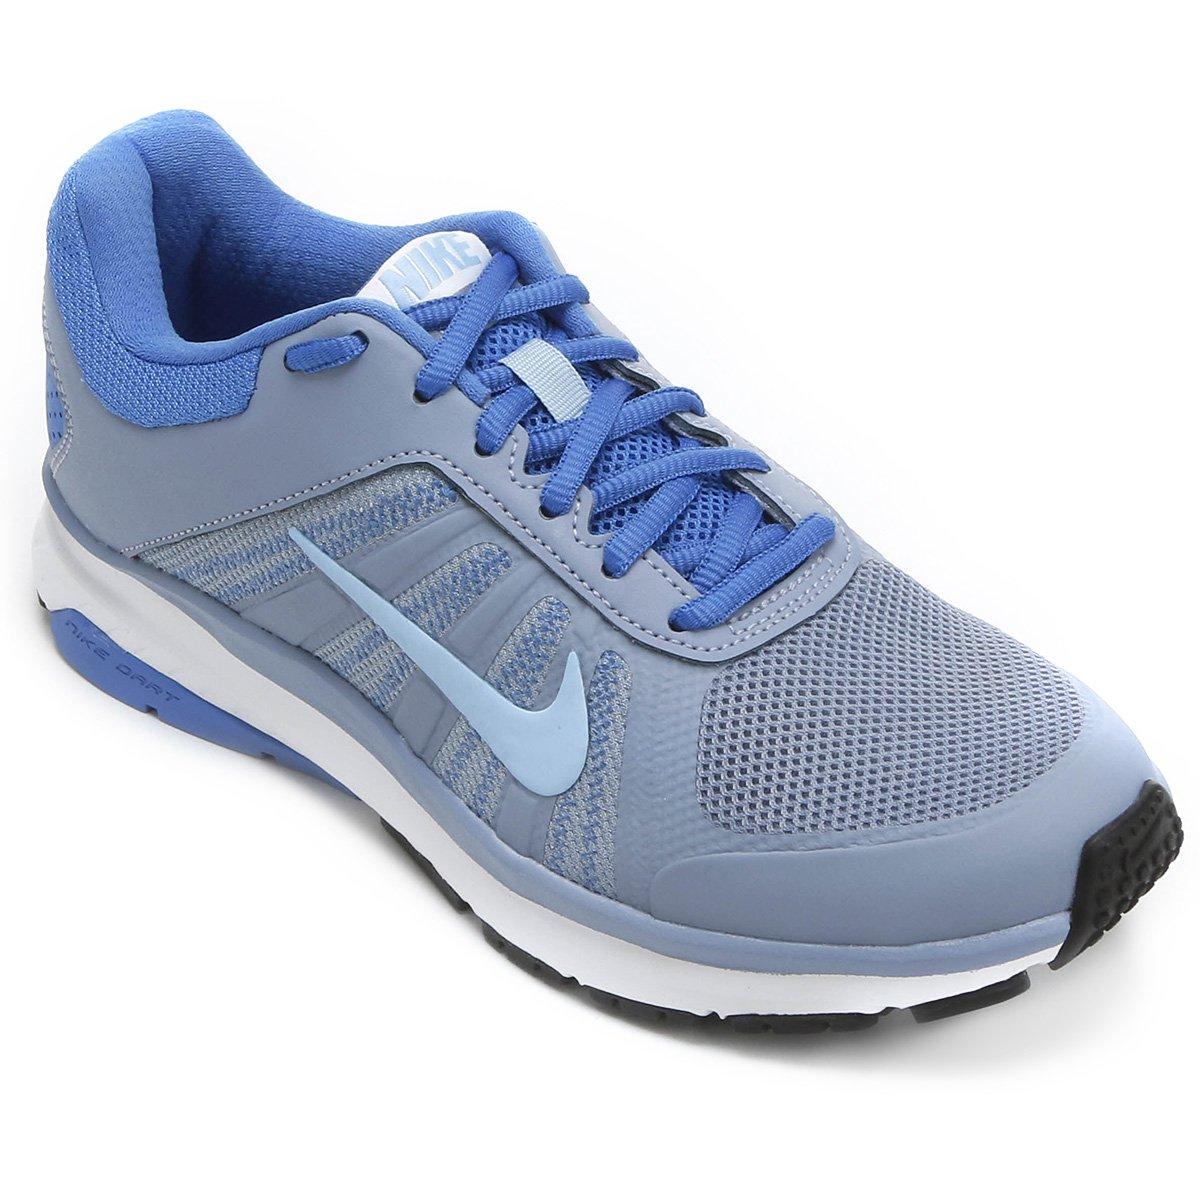 new arrival 6dba5 3b5eb Tênis Nike Dart 12 MSL Feminino - Cinza e Azul - Compre Agora  Shop Timão